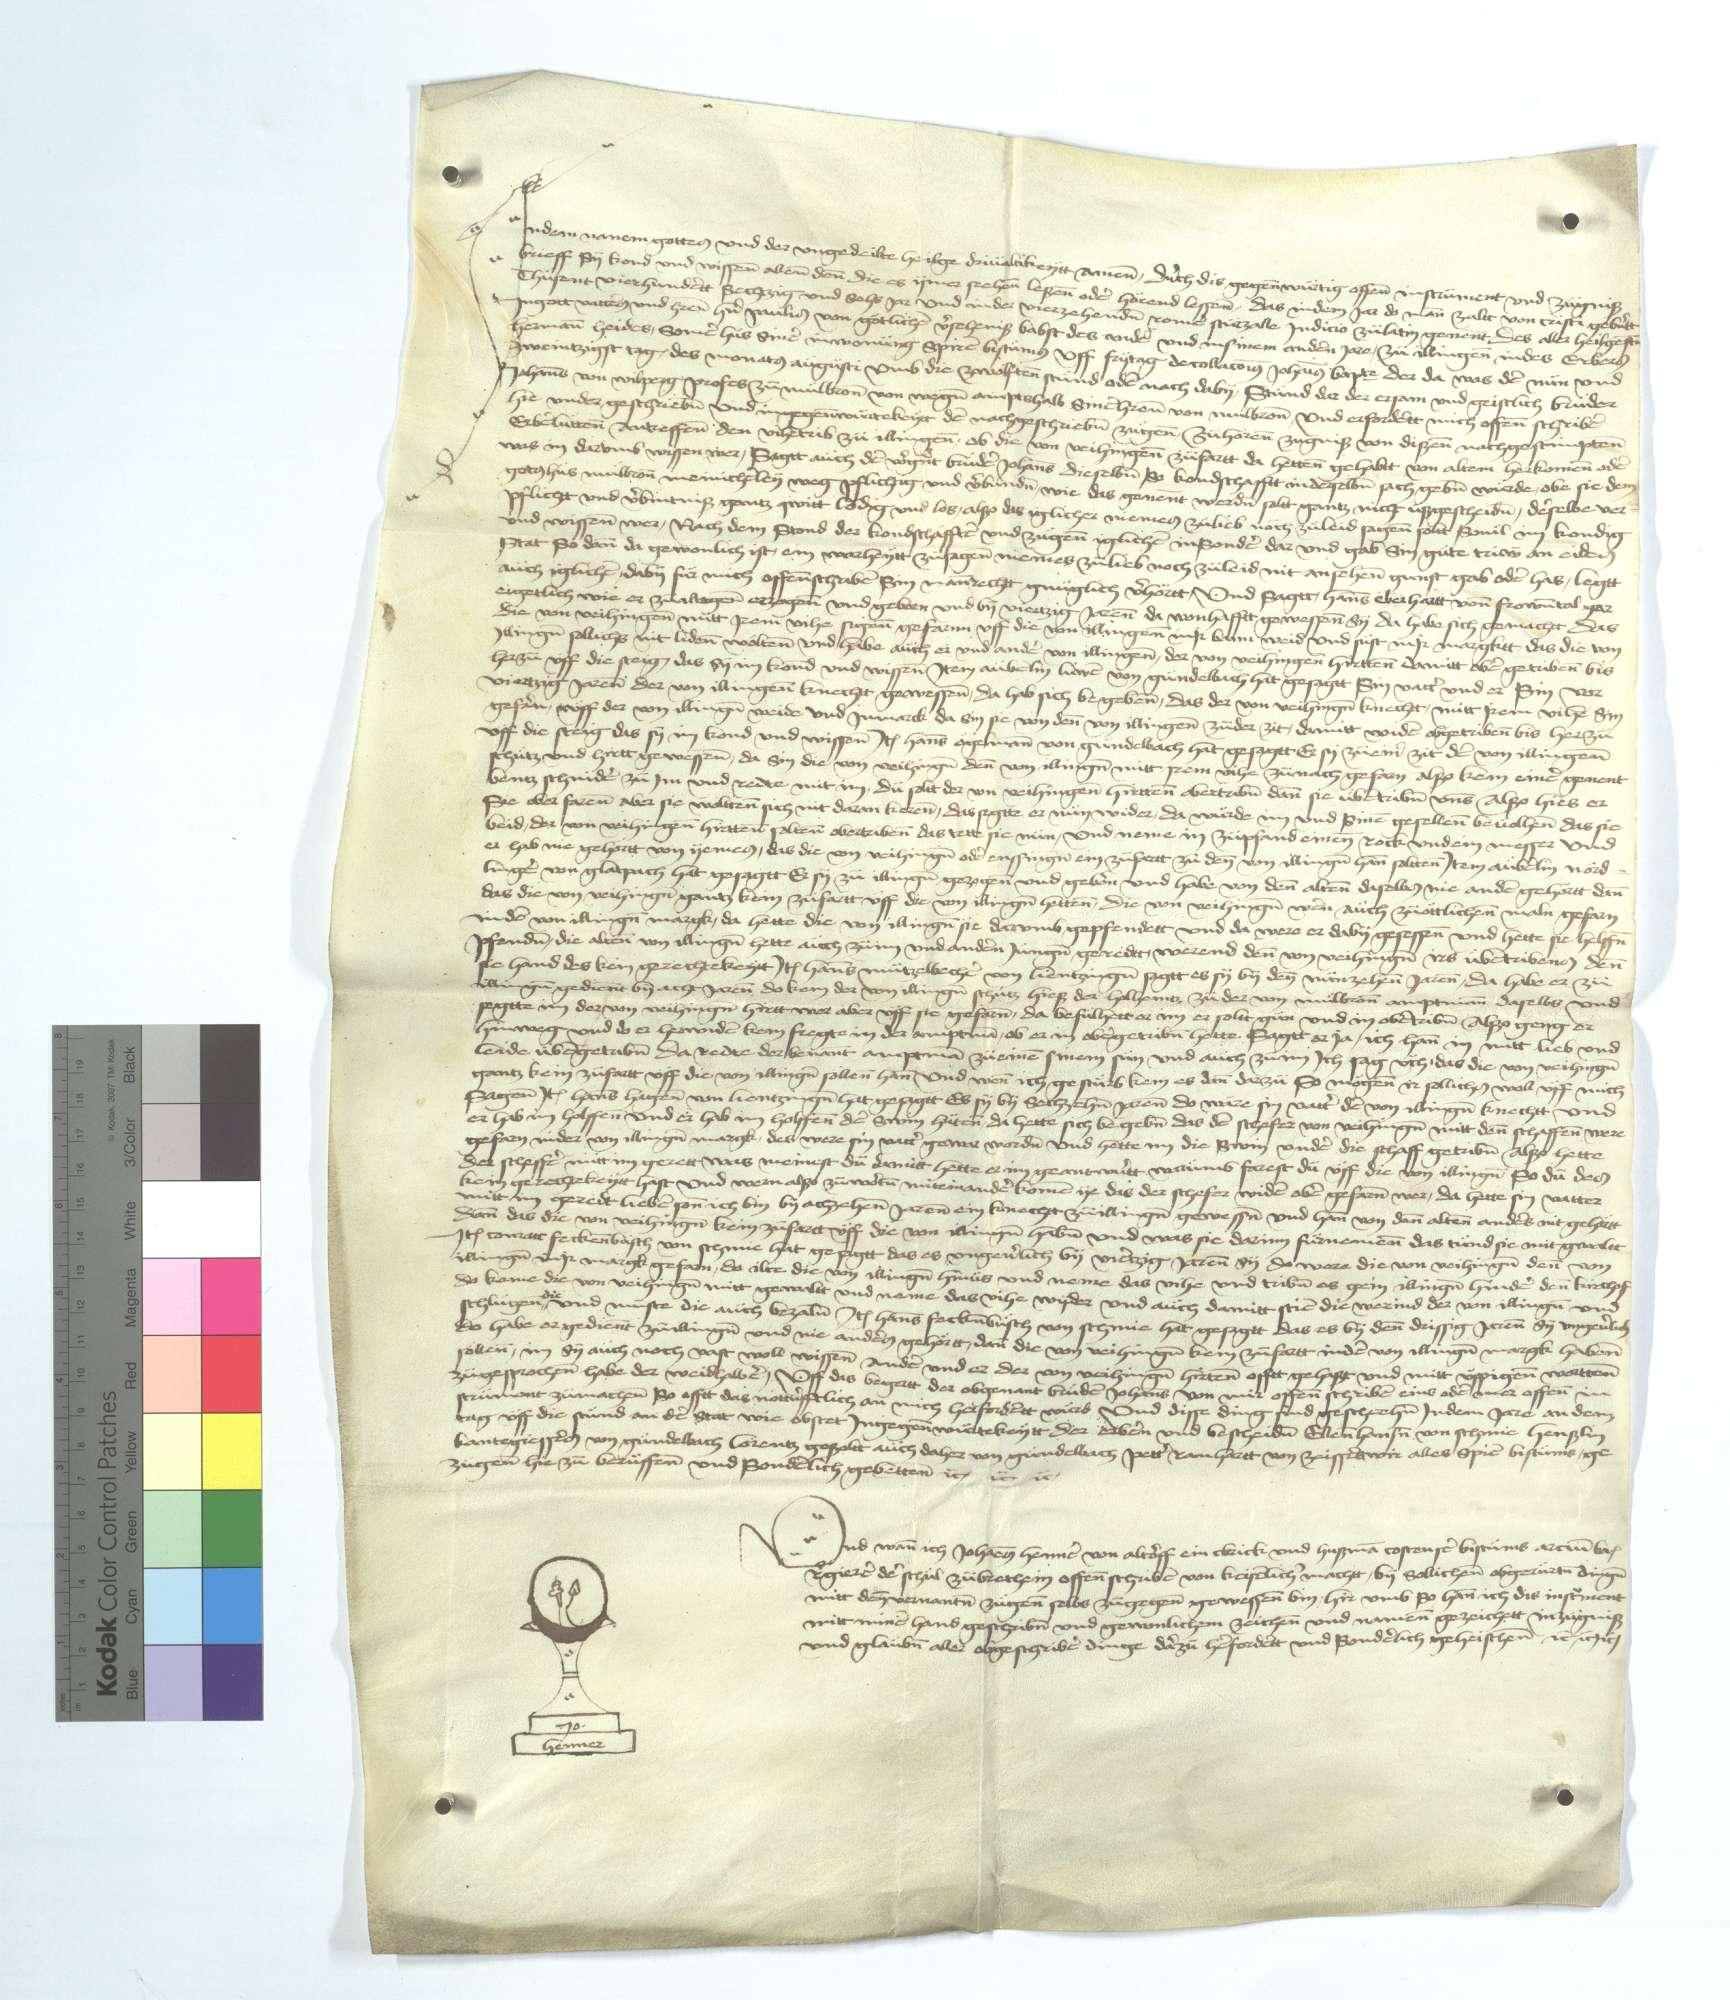 Instrumentum verhörter Kundschaft, dass die von Vaihingen keine Gerechtigkeit an dem Weidgang auf Illinger Markung haben., Text